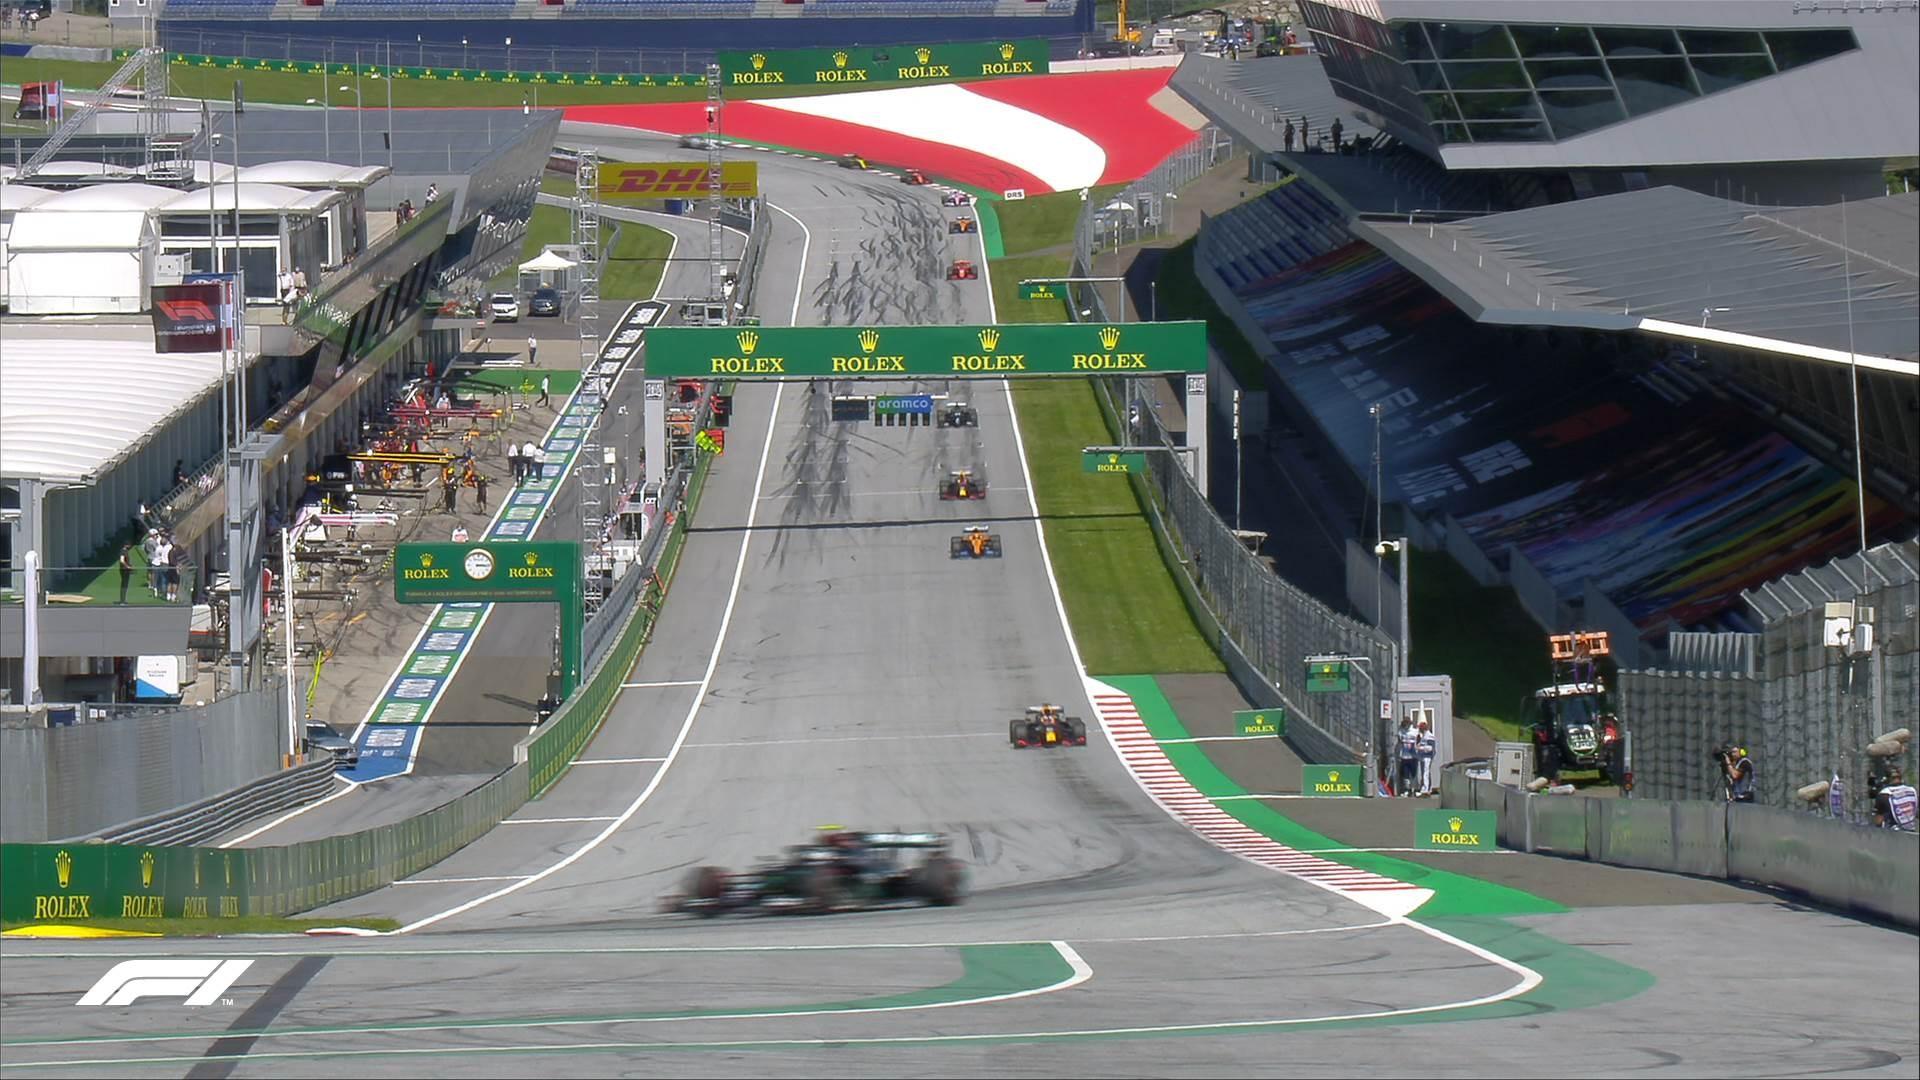 سباق جائزة النمسا الكبرى الأسبوع الماضي